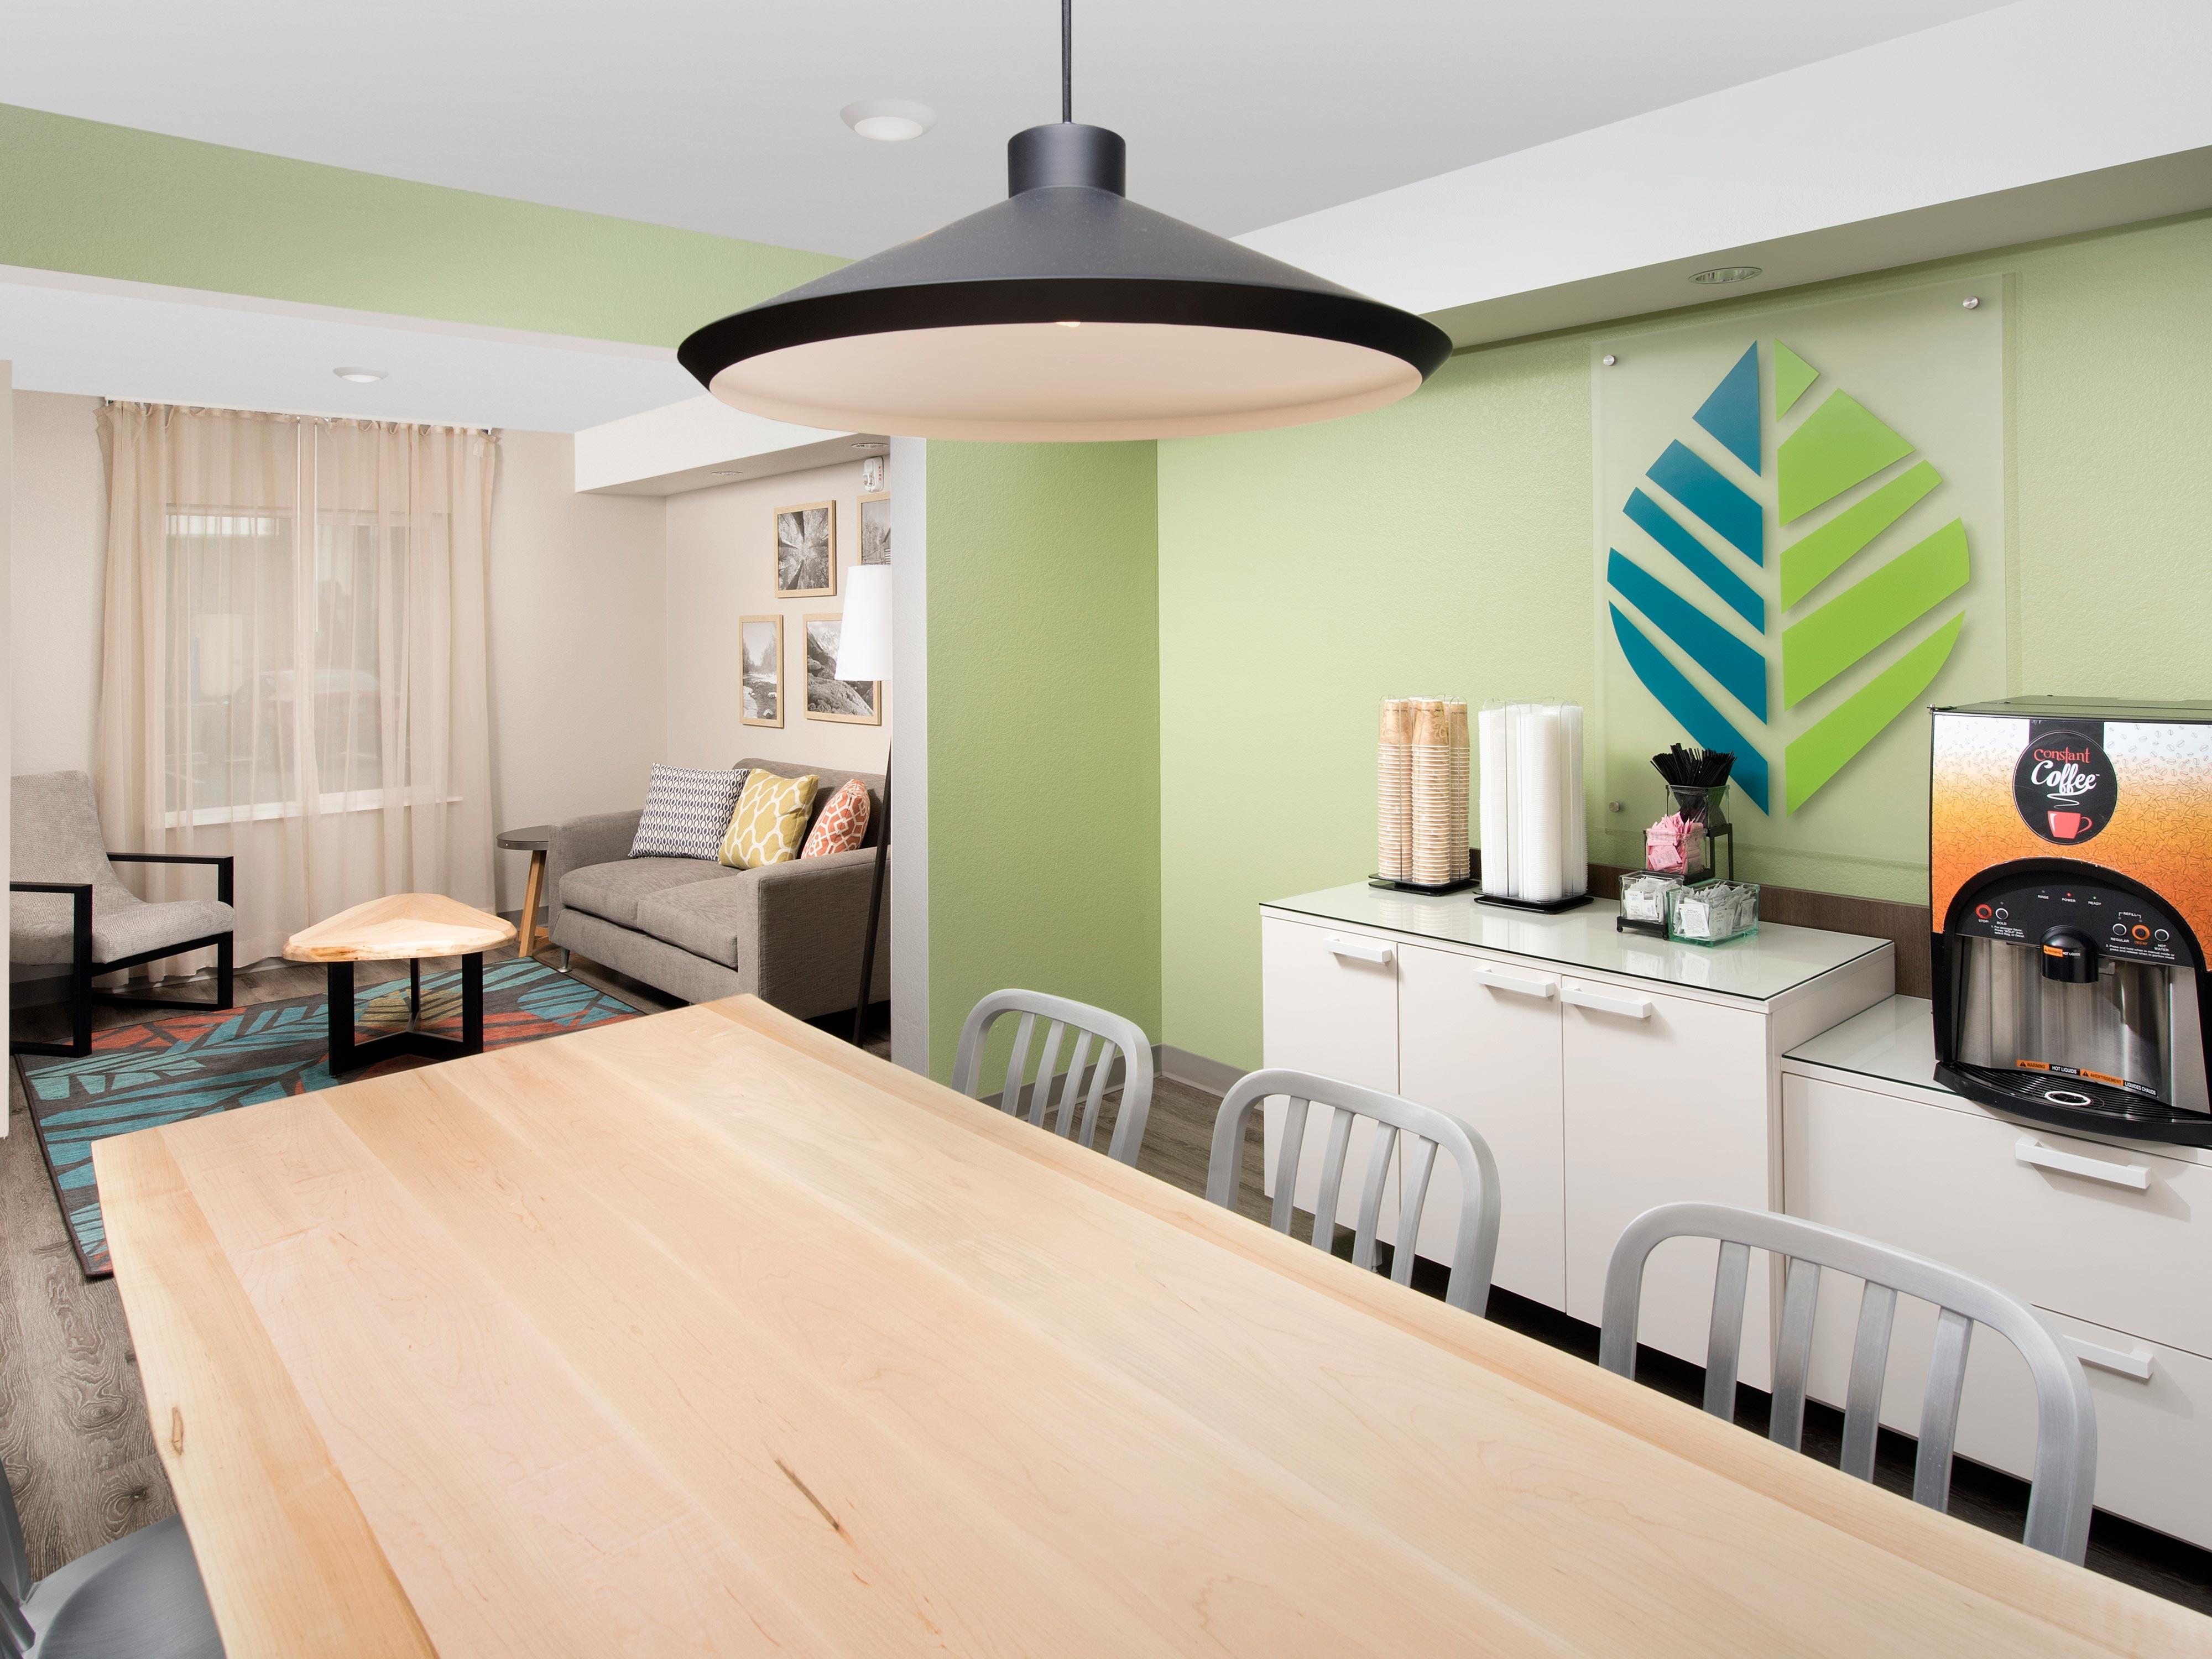 WoodSpring Suites Denver Centennial image 15